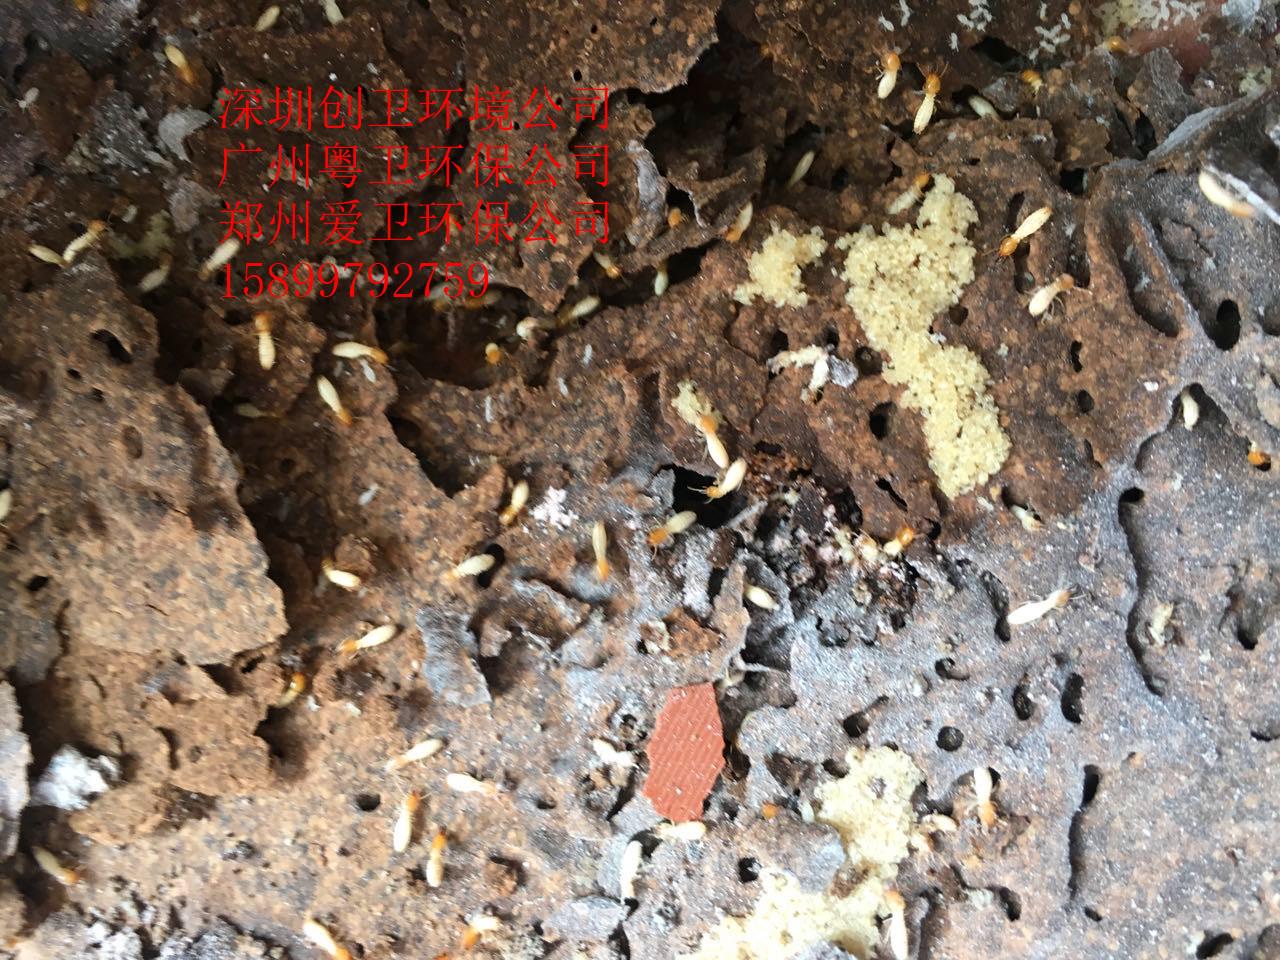 白蚁高发期 深圳灭白蚁公司创卫环境专业处理